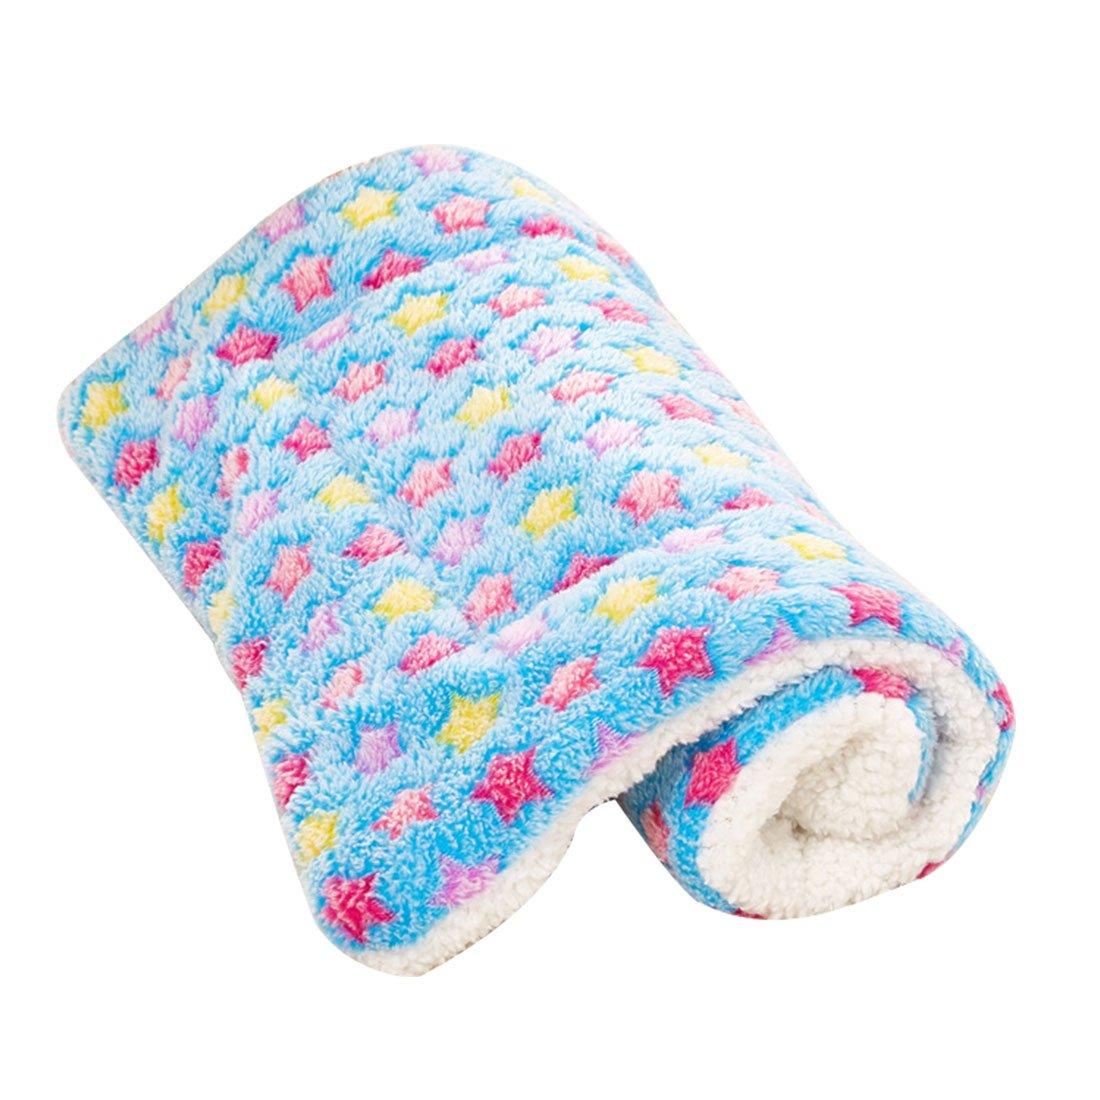 Couverture respirante pour animal domestique - Pour chien et chat - Tapis doux et chaud Luwu-Store